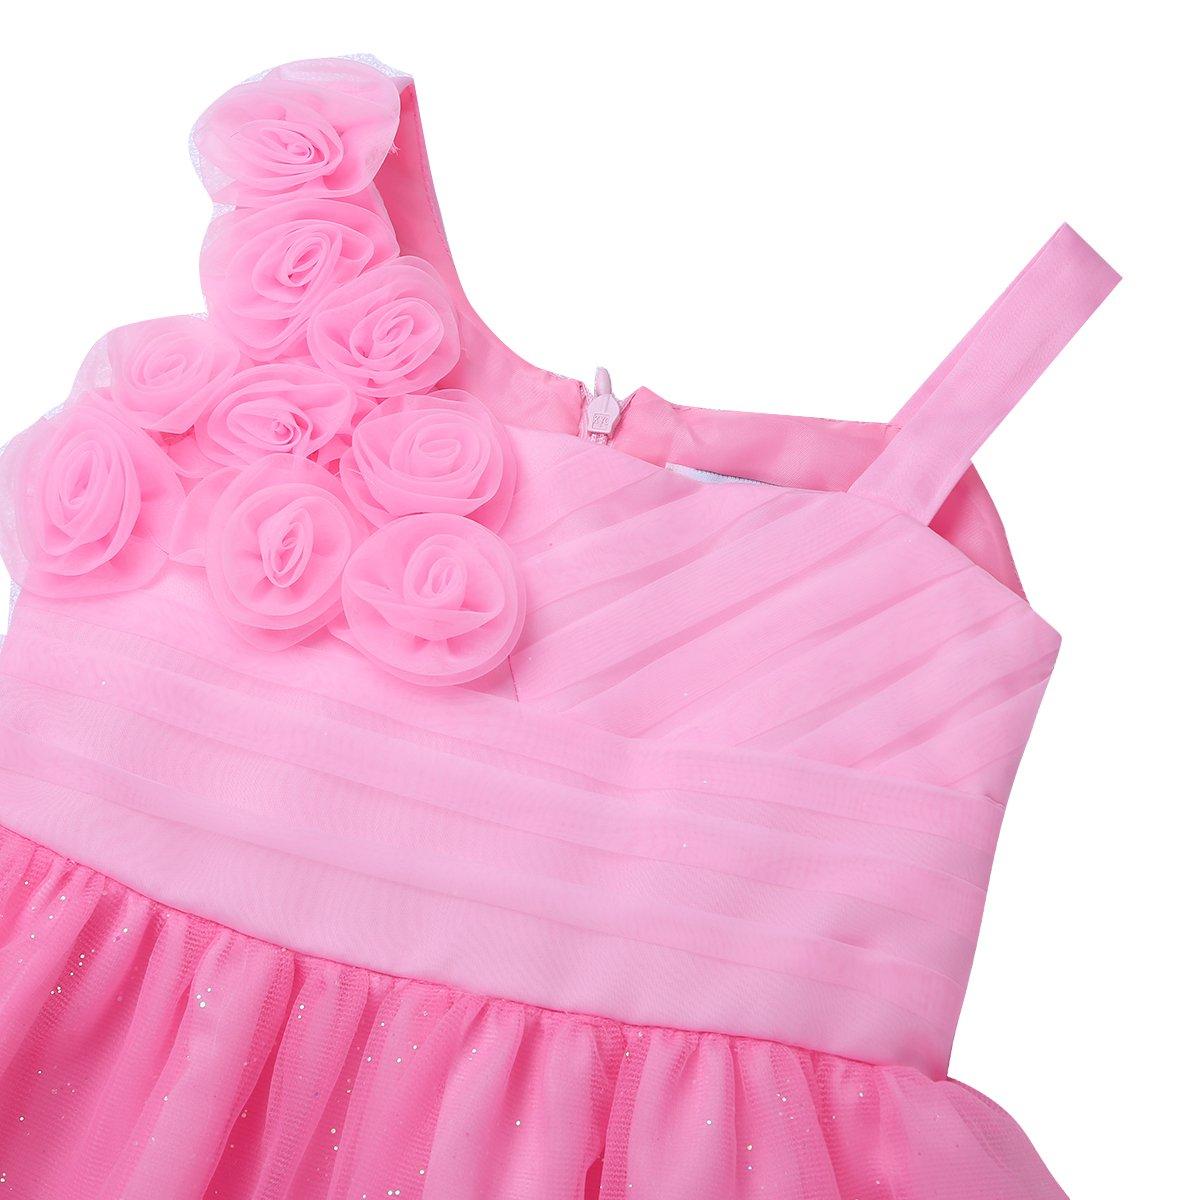 inlzdz Beb/és Vestido Infantiles Dama de Honor para Ni/ñas 0-24 Meses Brillante Vestido Princesa de Flores Tul Lazo Vestido de Boda Fiesta Cumplea/ños Fotograf/ía Pageant